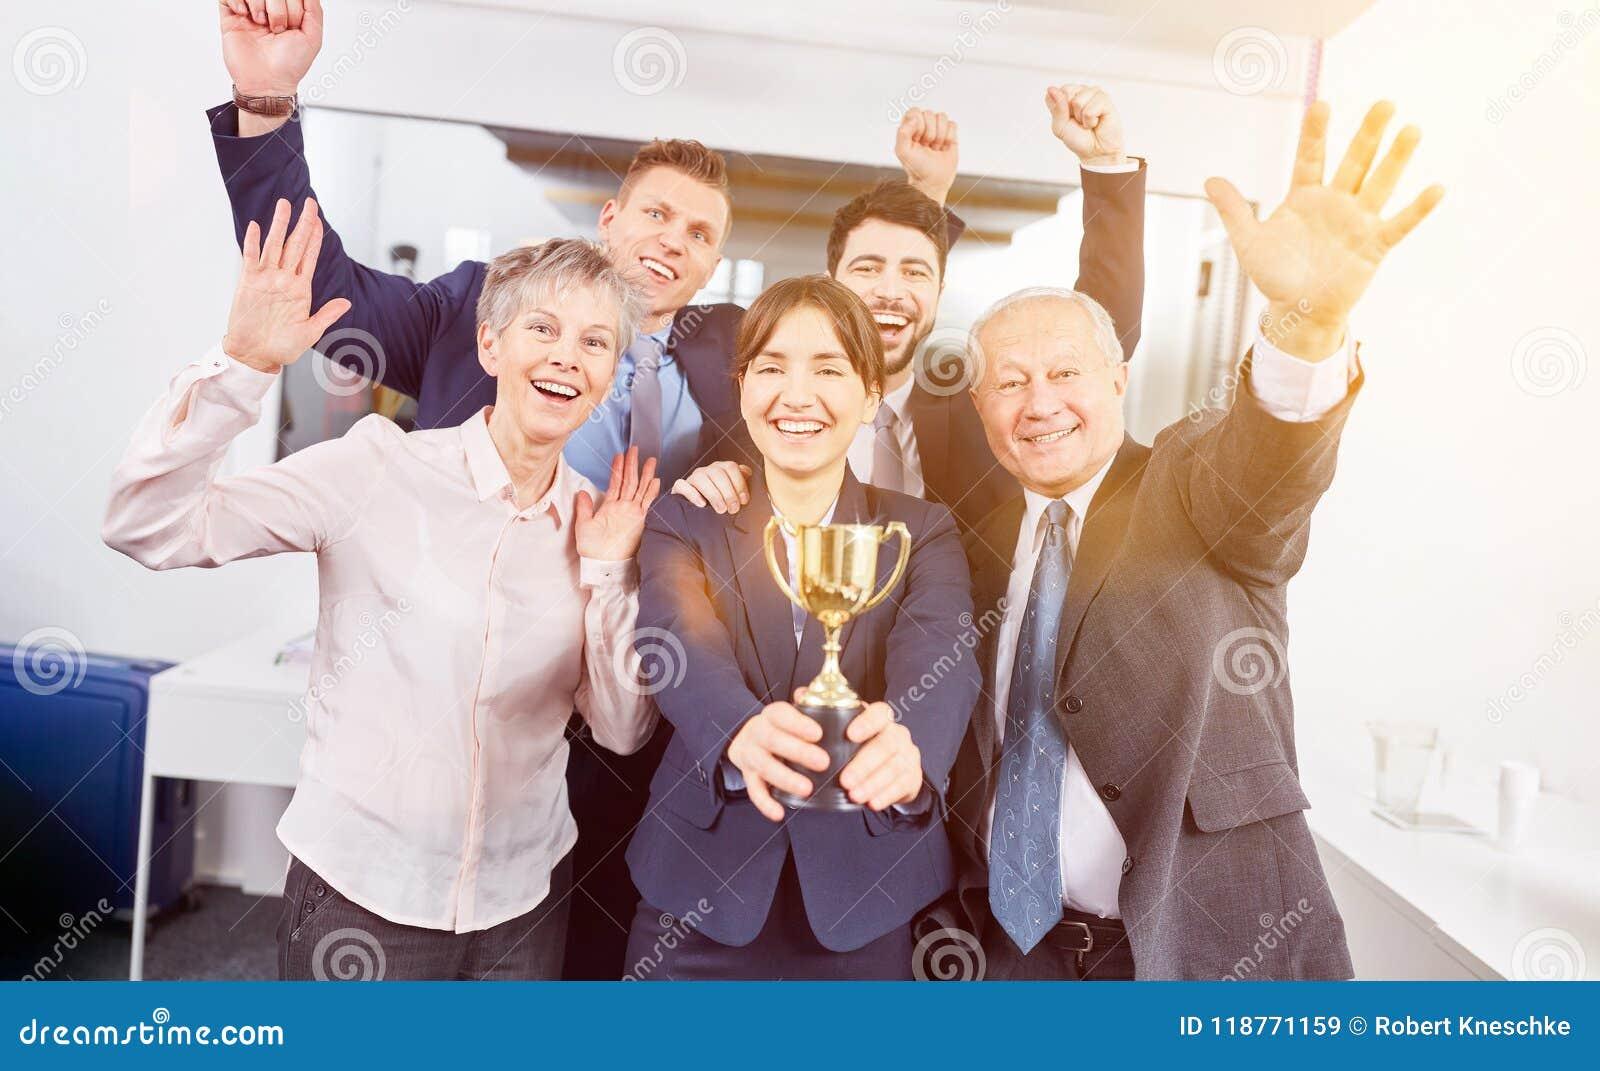 Startteam mit Siegertrophäe